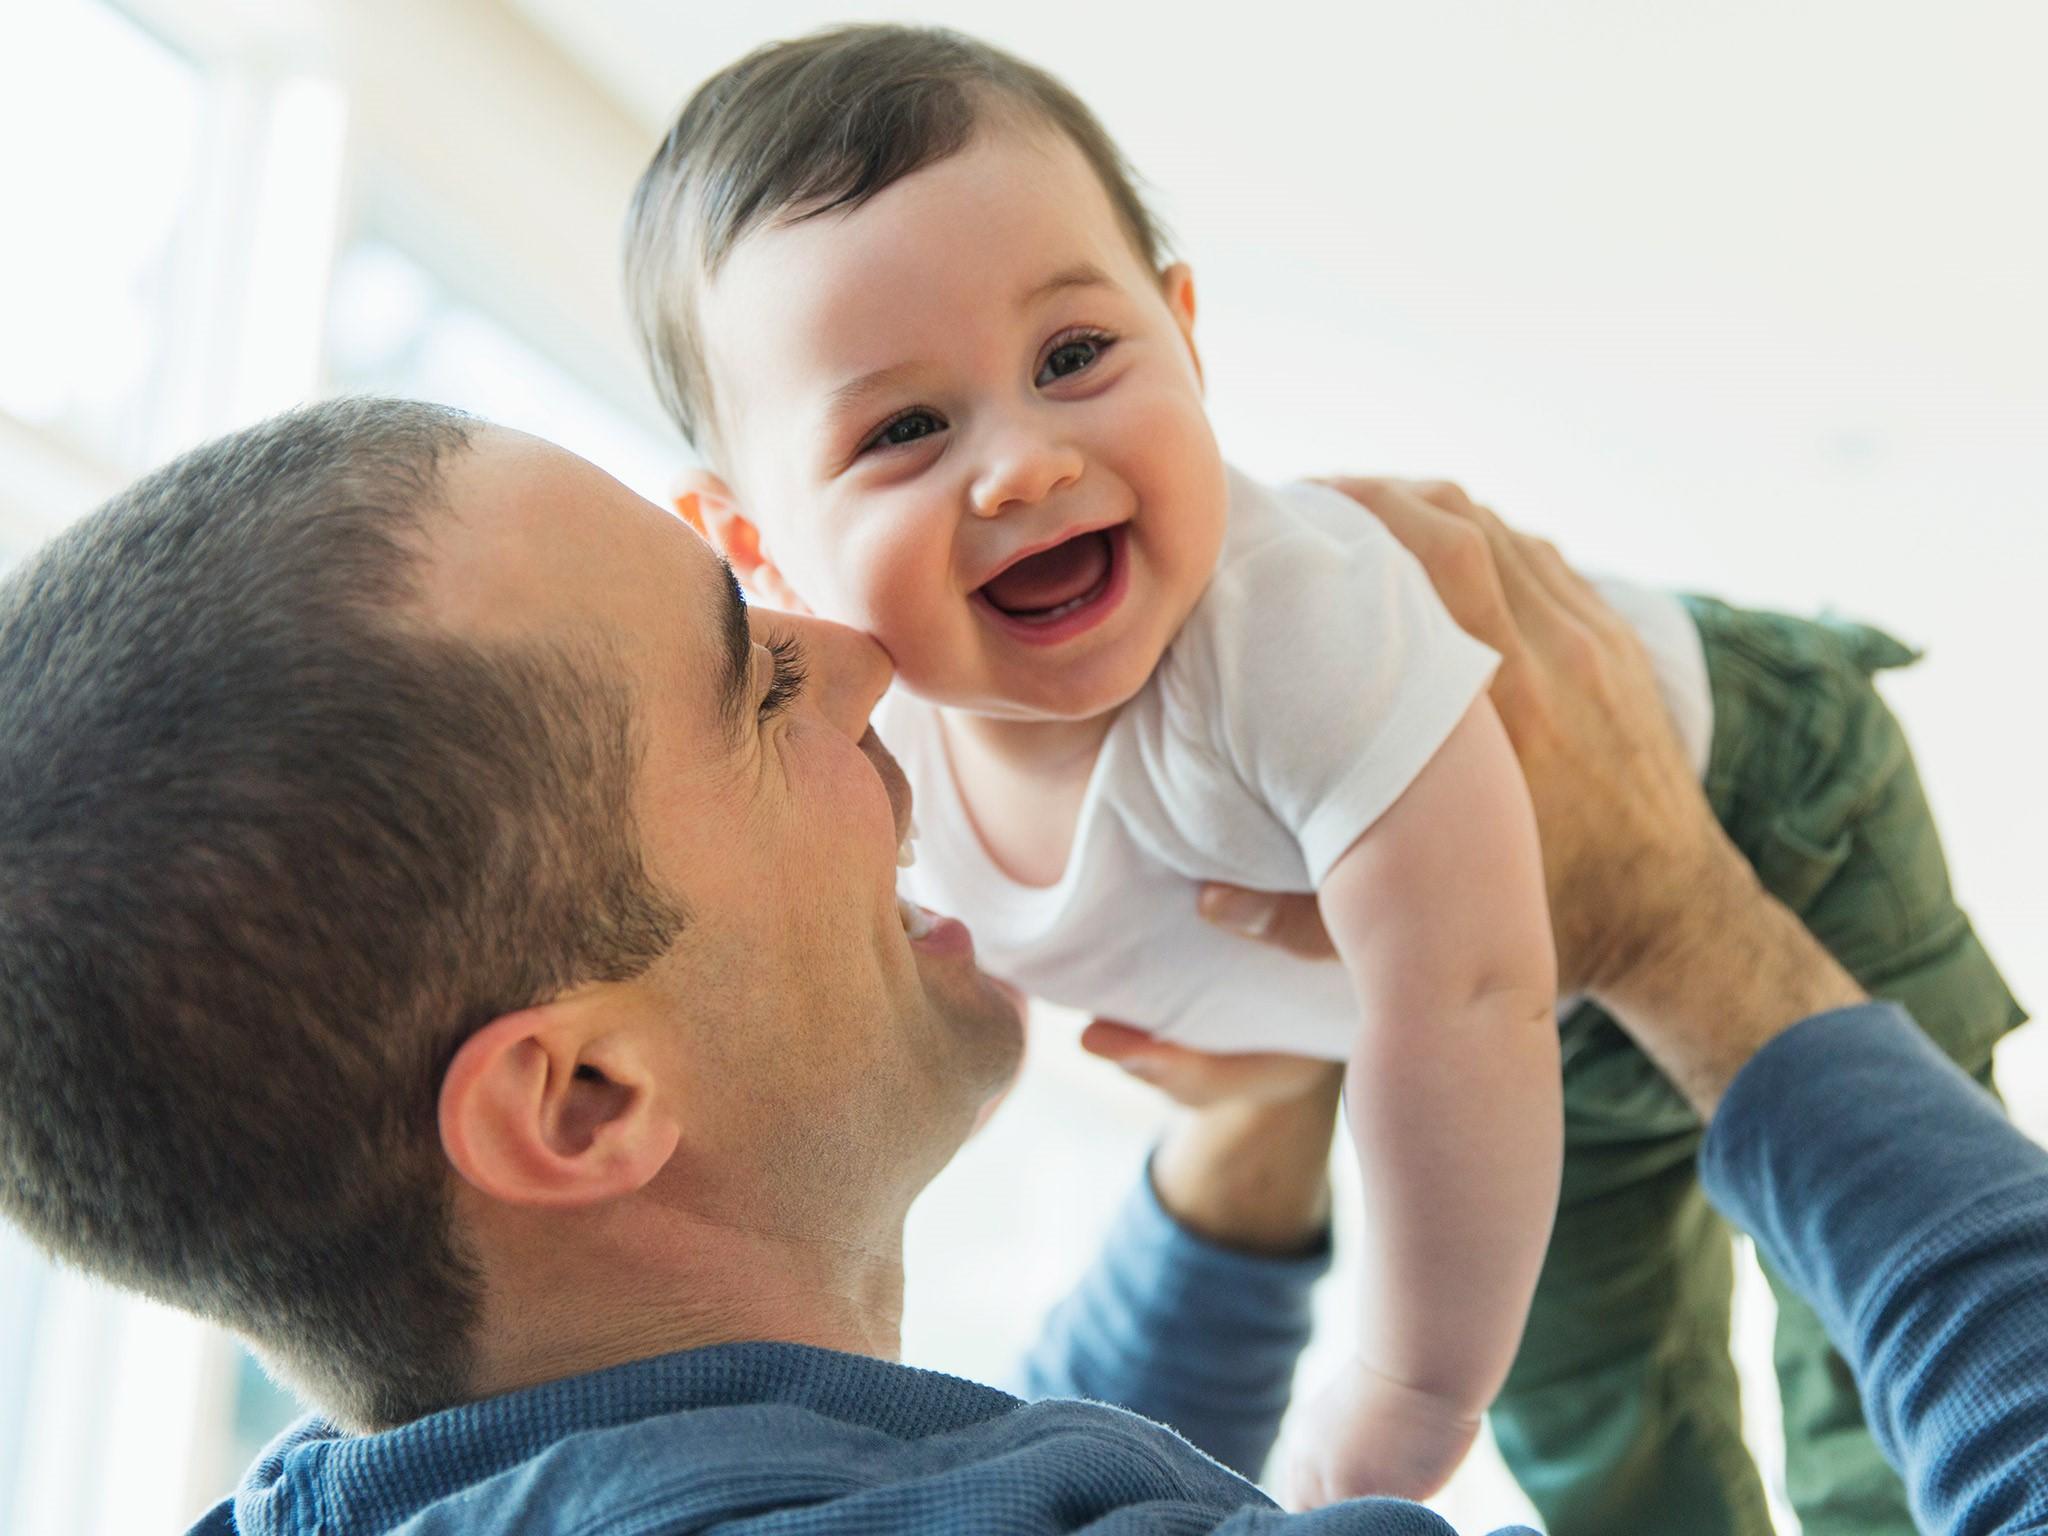 Begini Caranya Memenangkan Respek Si Kecil, Dads!